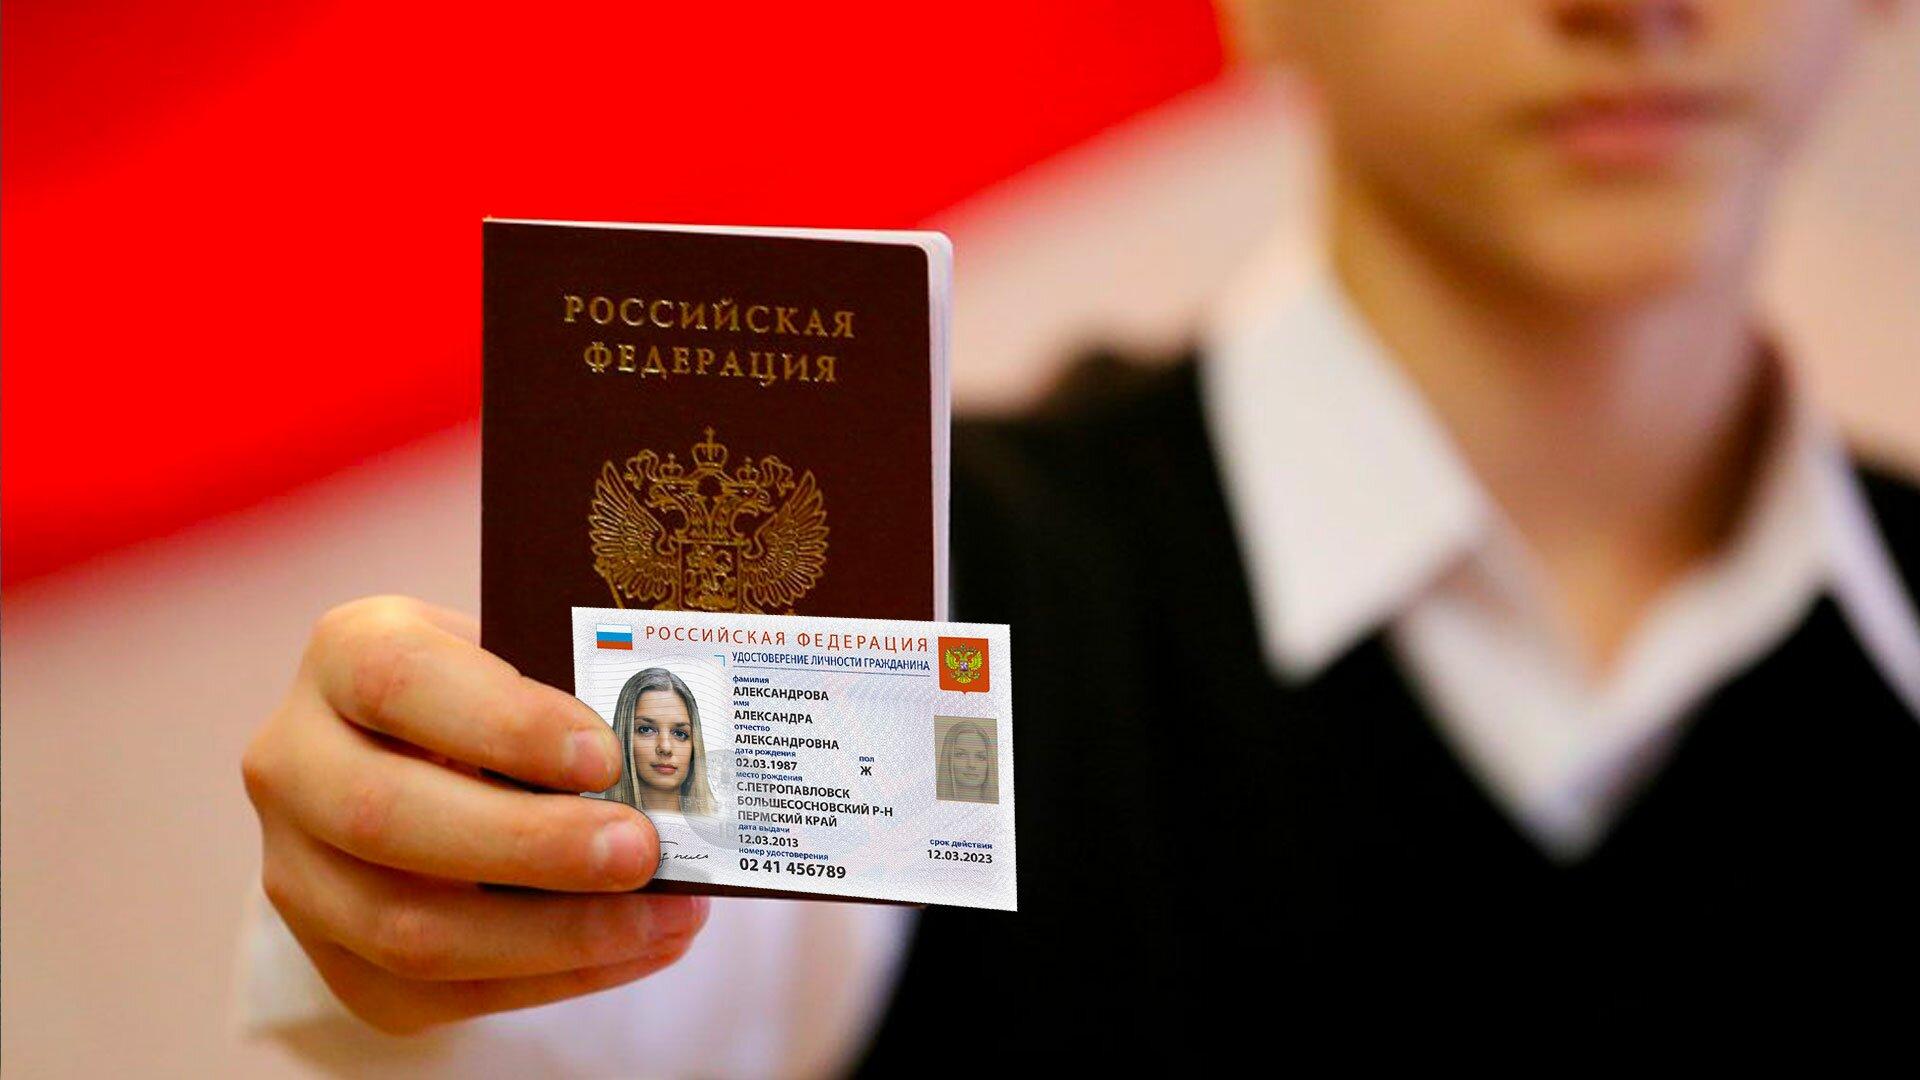 Получение россиянами электронных паспортов решено ускорить